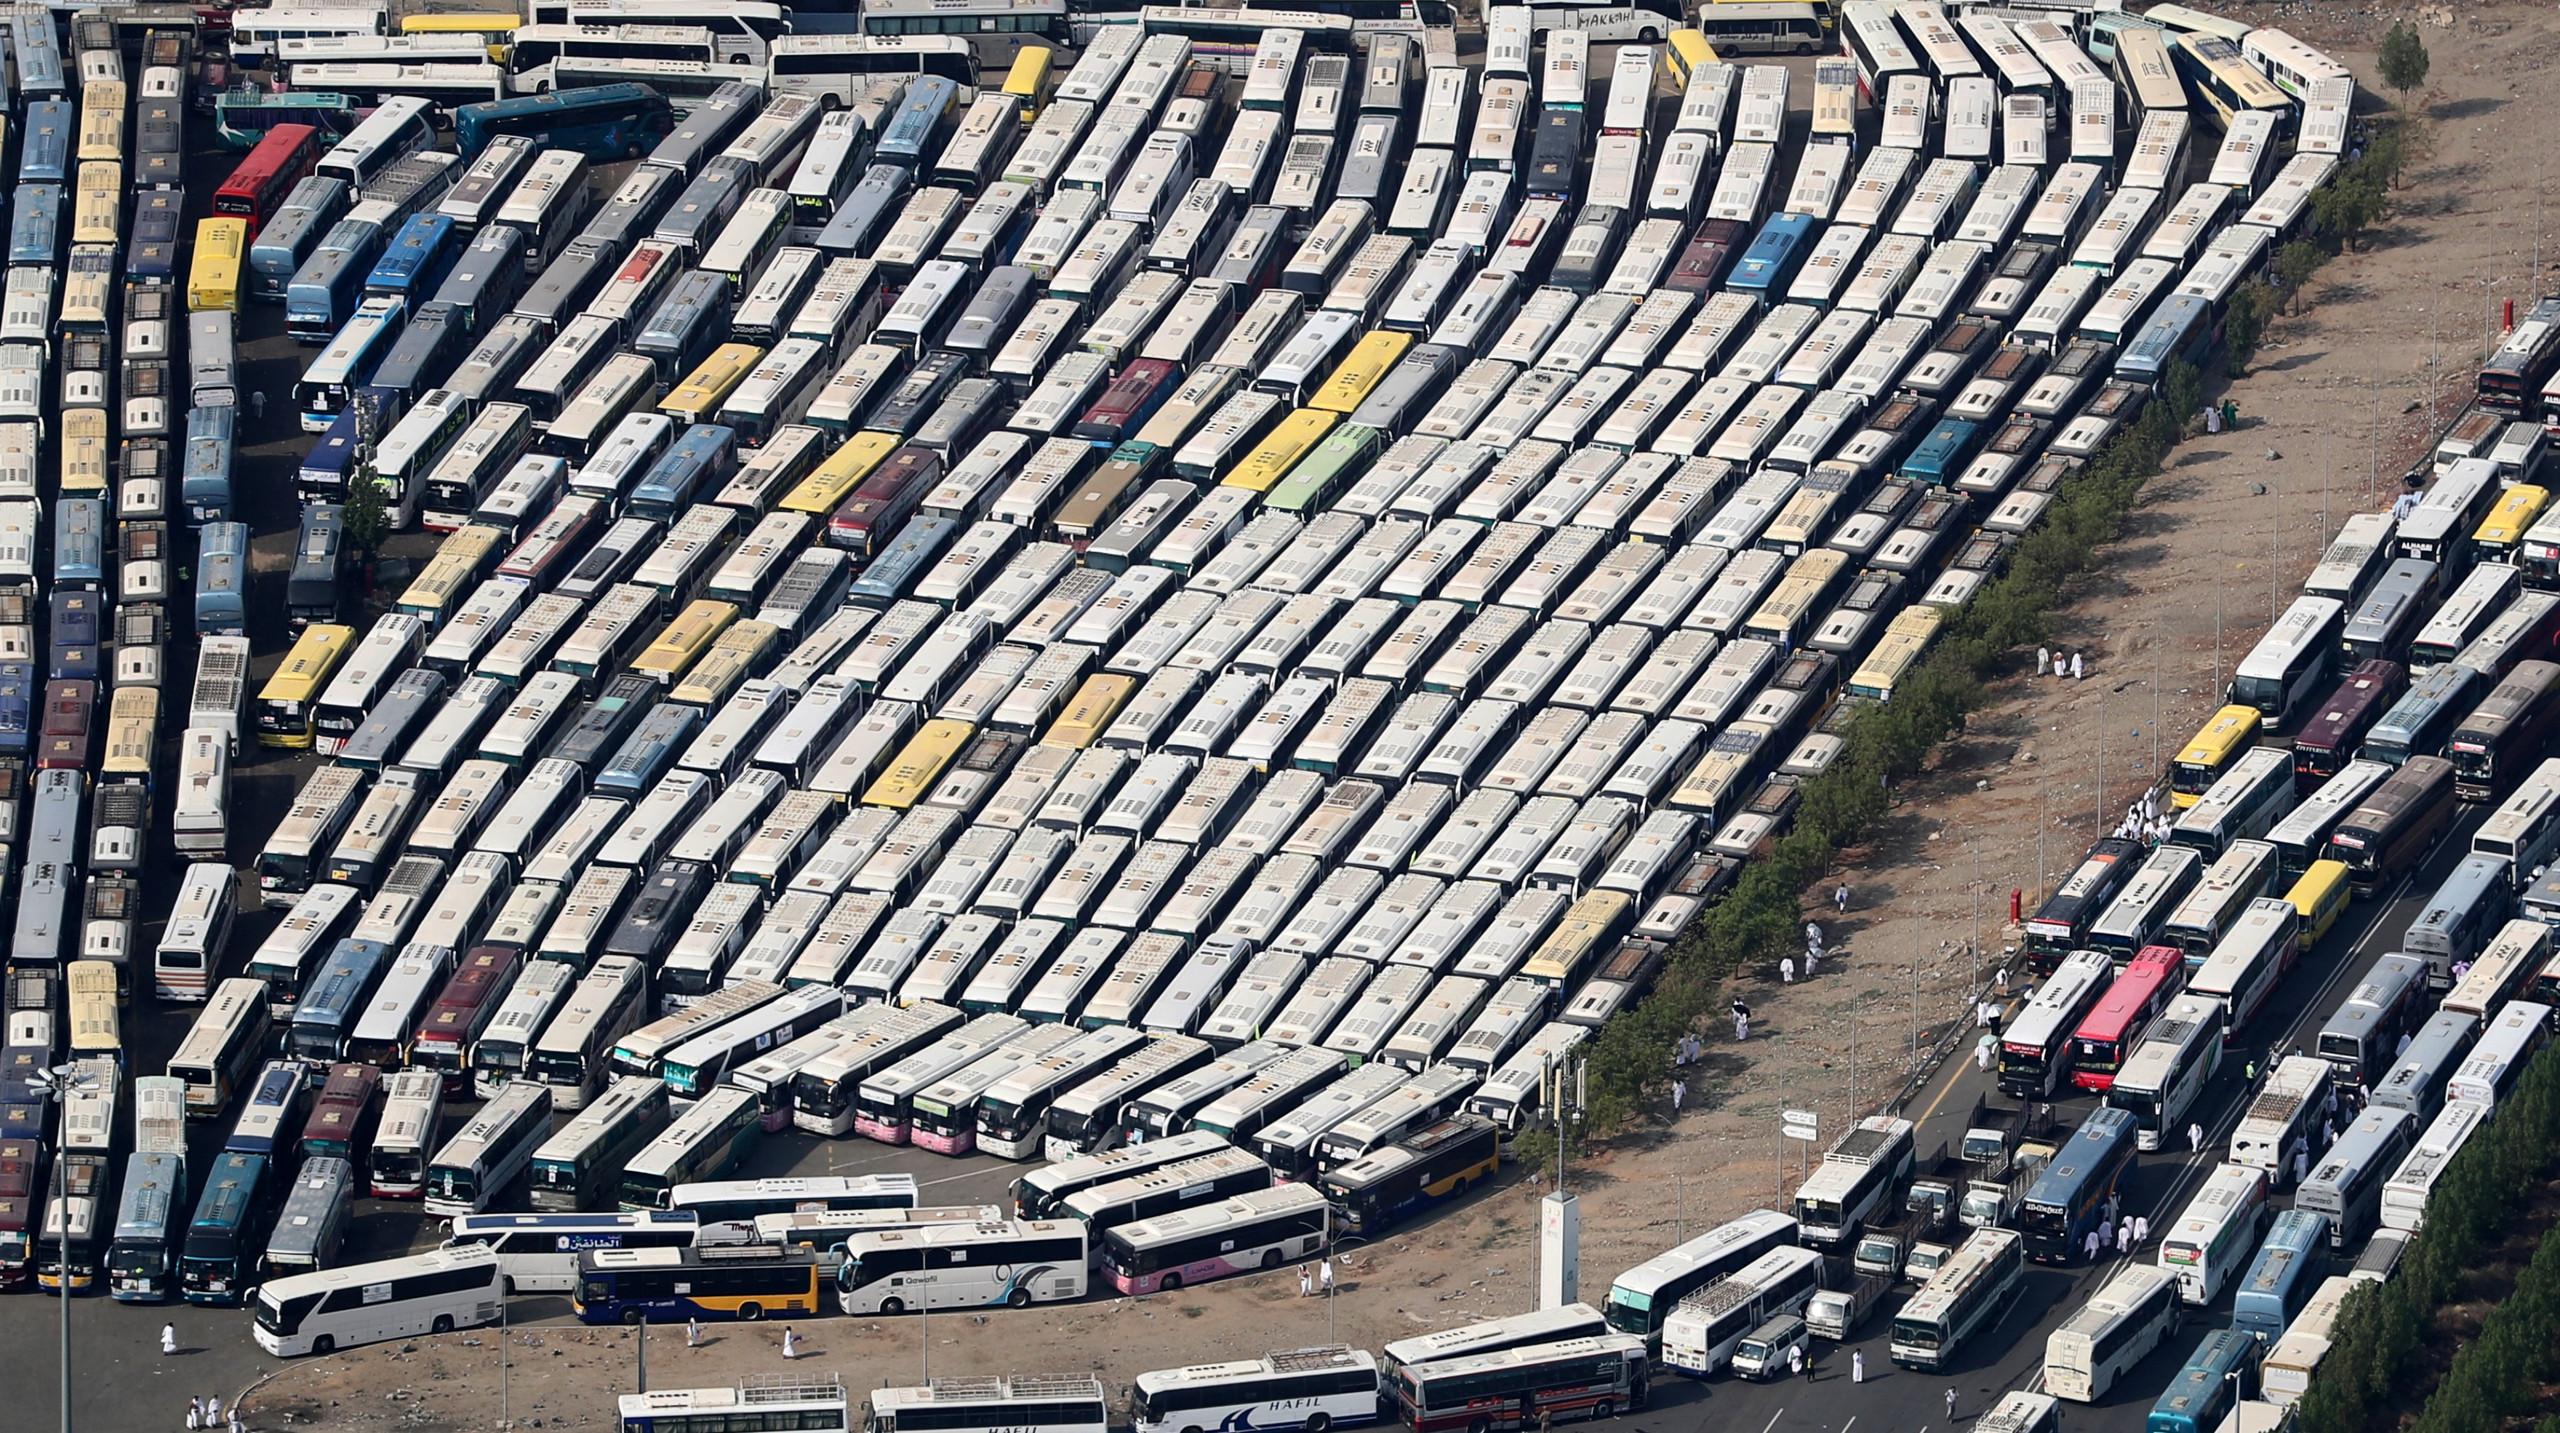 تصاویر هوایی از اتوبوسهای ویژه حمل حجاج